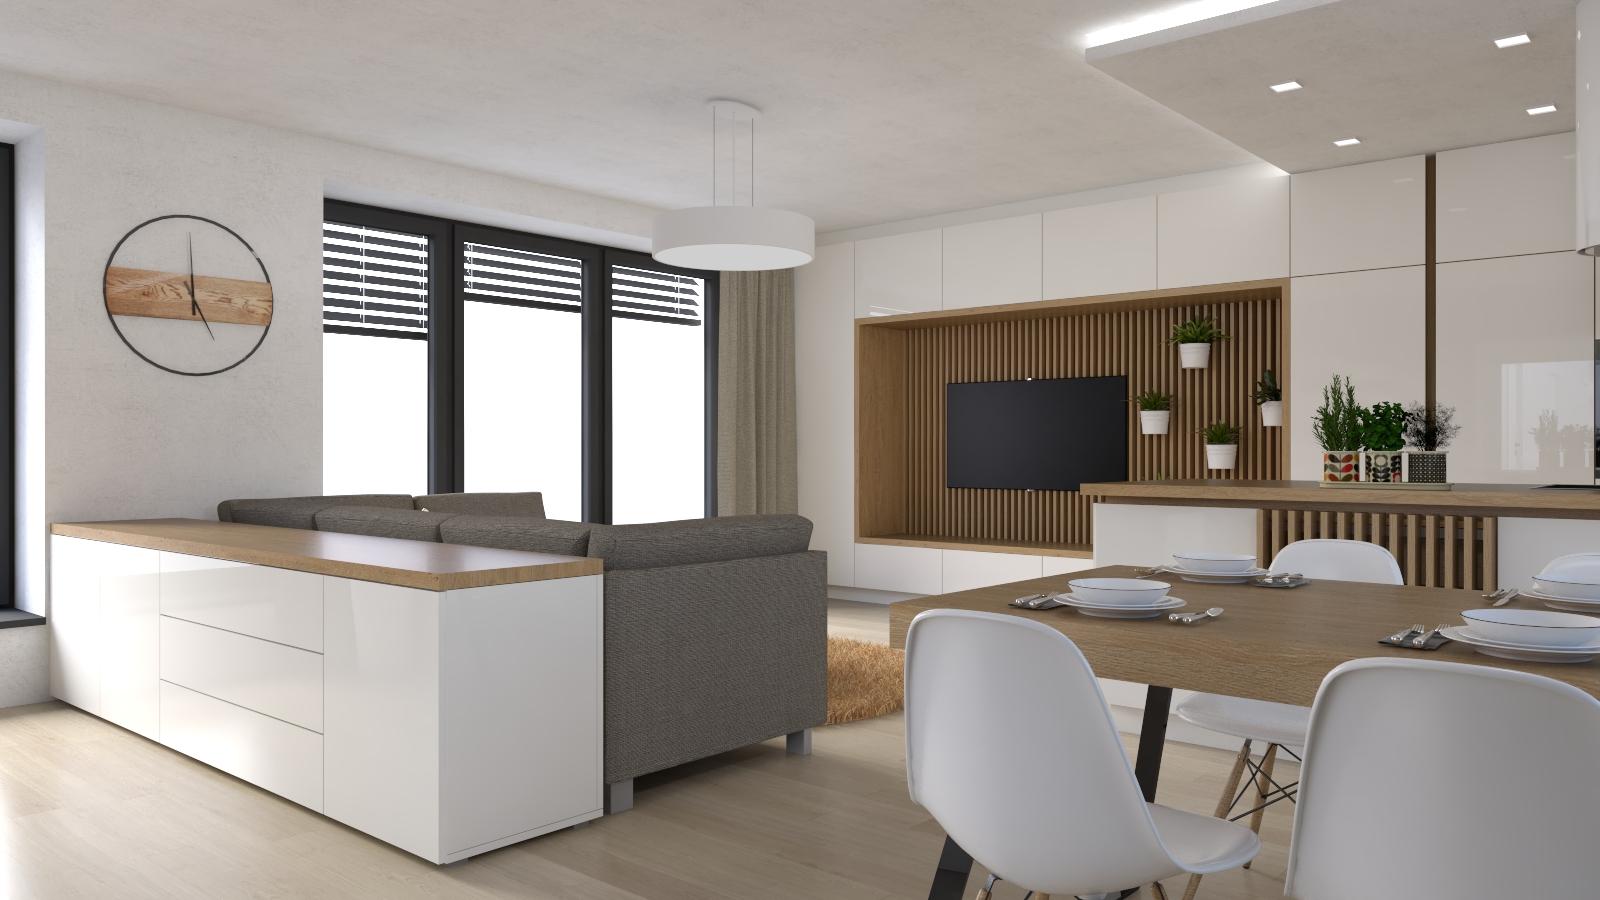 Návrh interiéru novostavby Bítýška1